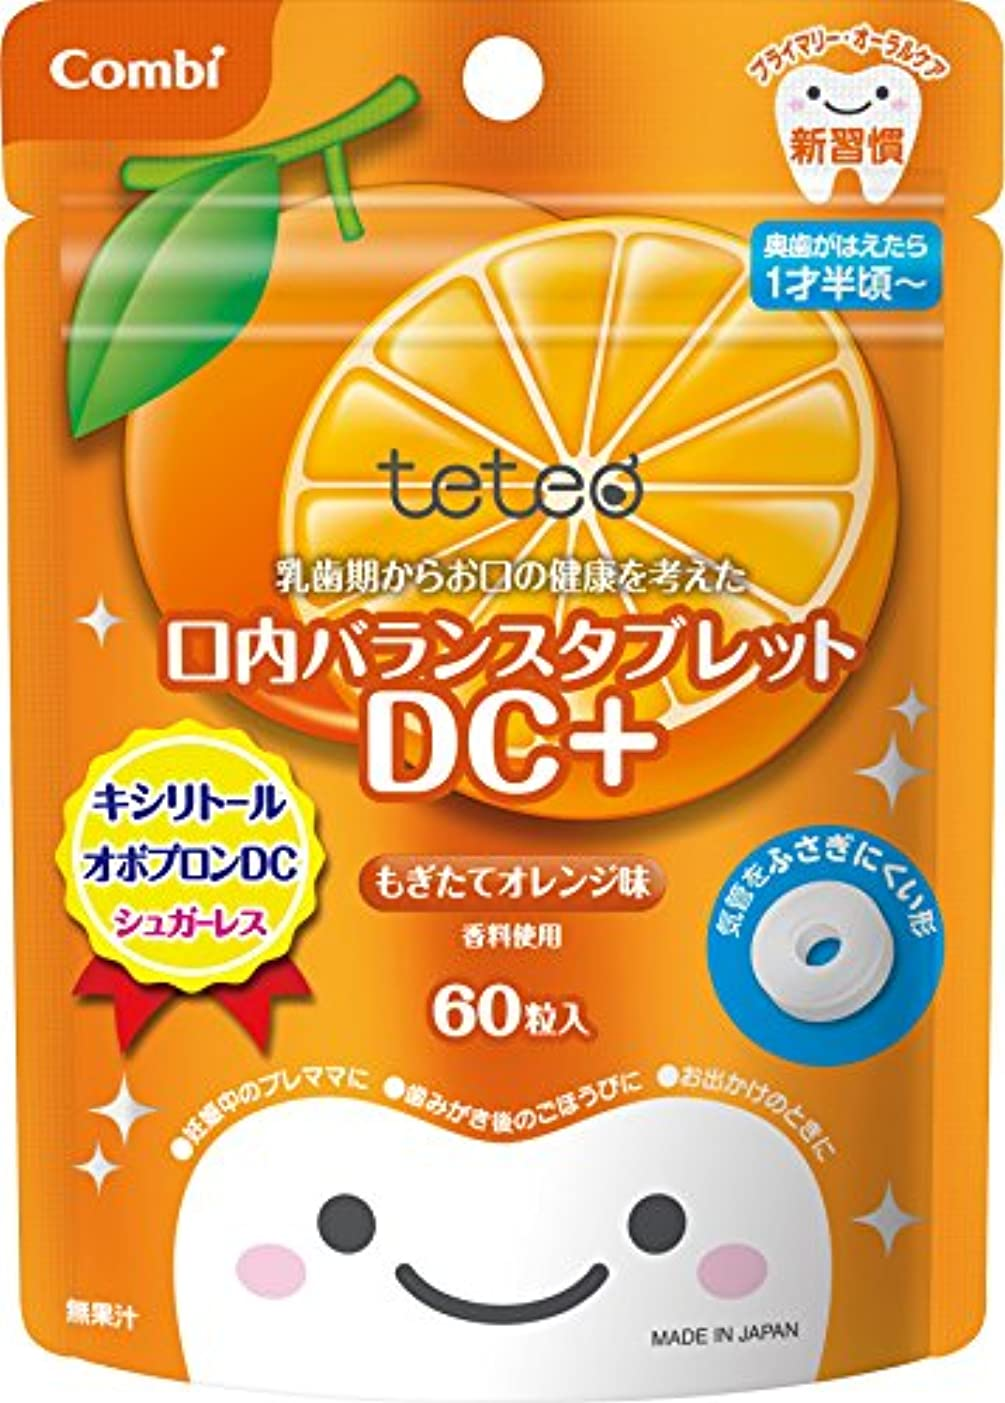 レッドデート差し控える囲まれたコンビ テテオ 乳歯期からお口の健康を考えた 口内バランスタブレット DC+ もぎたてオレンジ味 60粒入